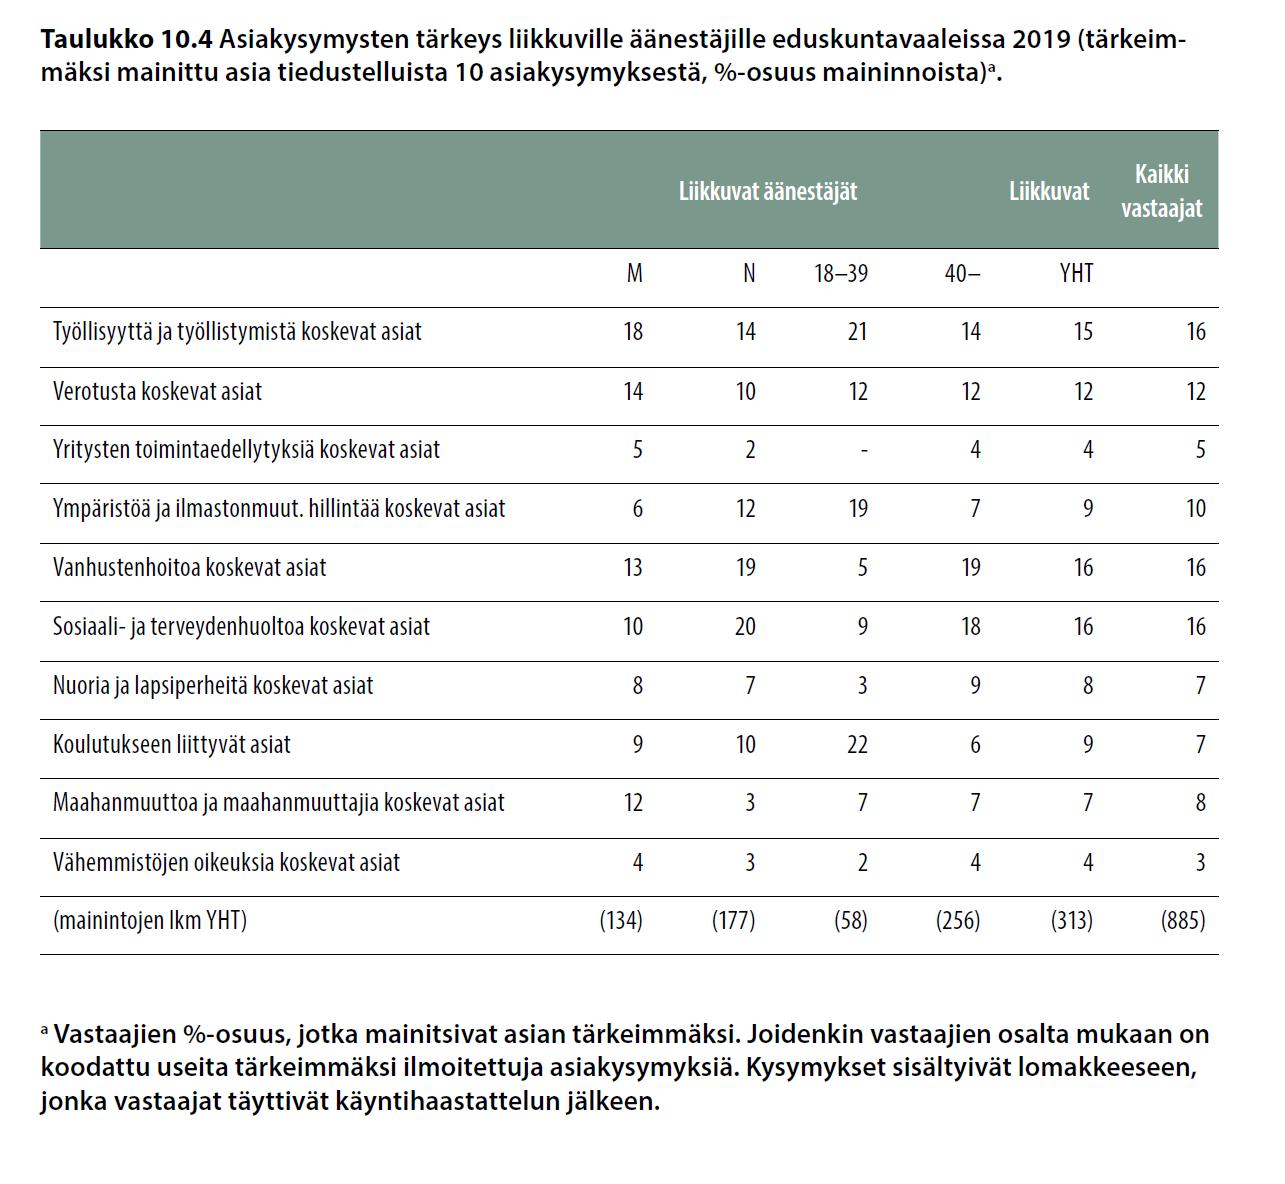 Asiakysymysten tärkeys liikkuville äänestäjille eduskuntavaaleissa 2019 (tärkeimmäksi mainittu asia tiedustelluista 10 asiakysymyksestä, %-osuus maininnoista).